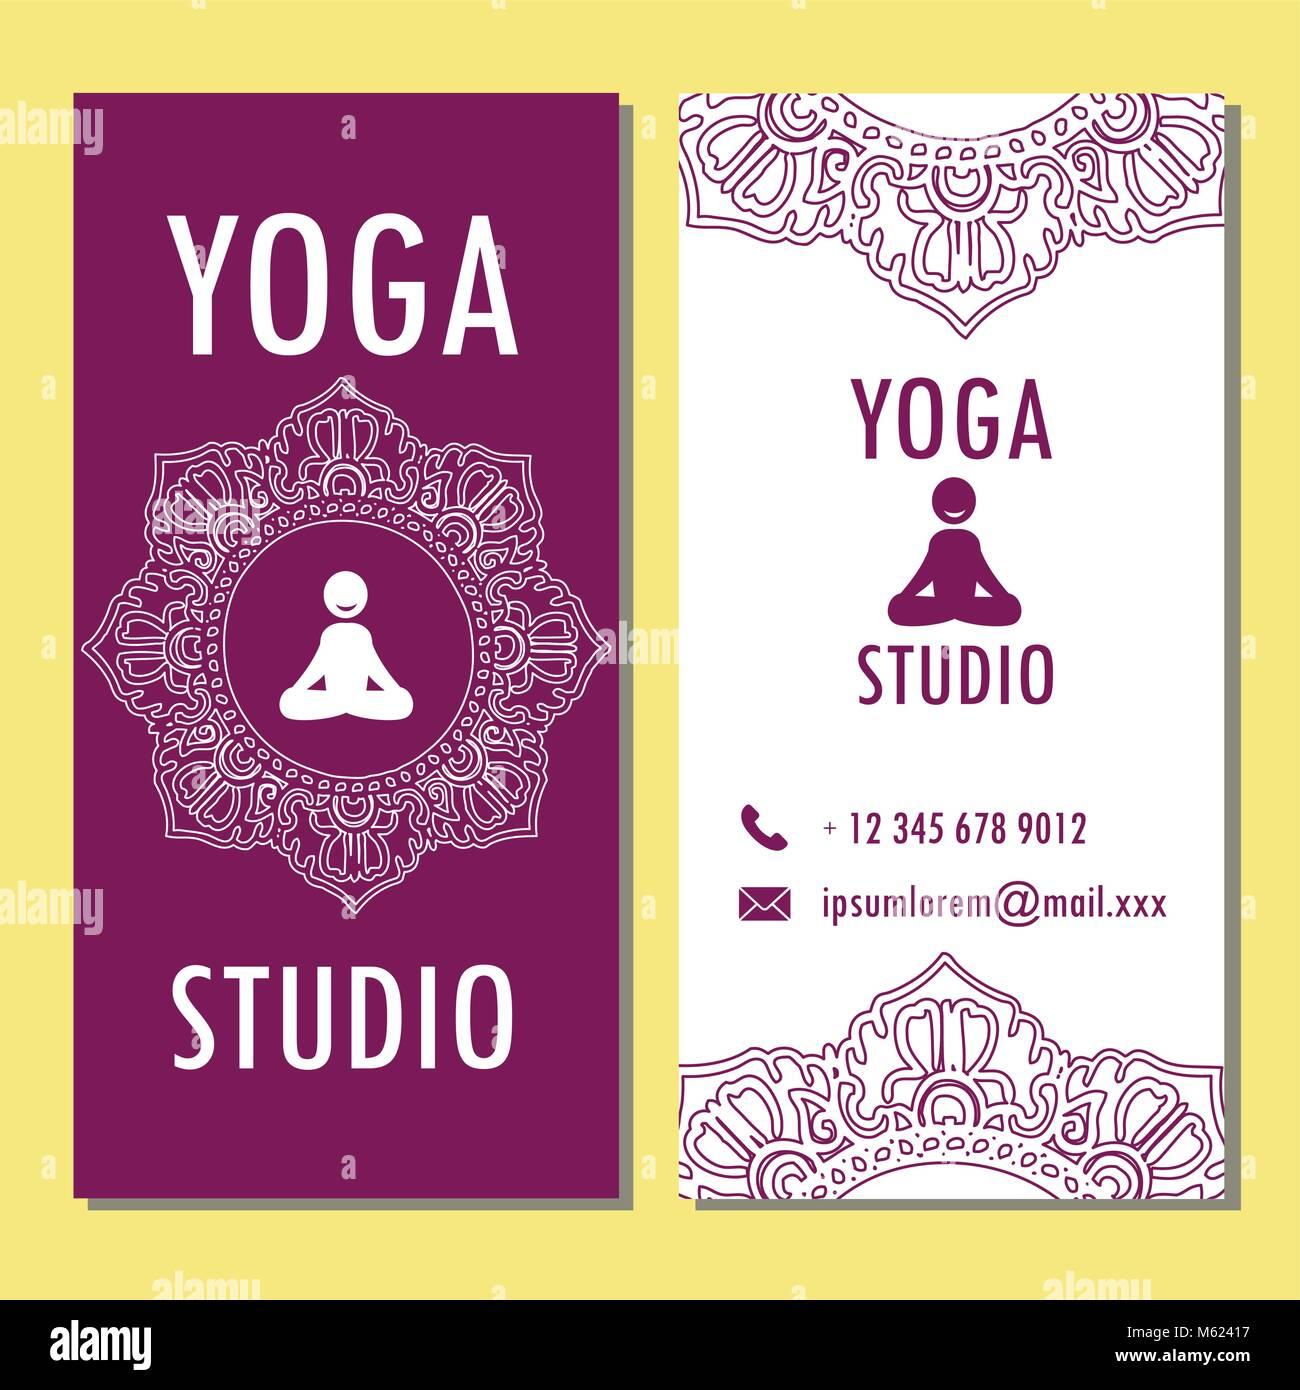 Wunderbar Yogalehrer Lebenslauf Beispiele Bilder - Entry Level ...